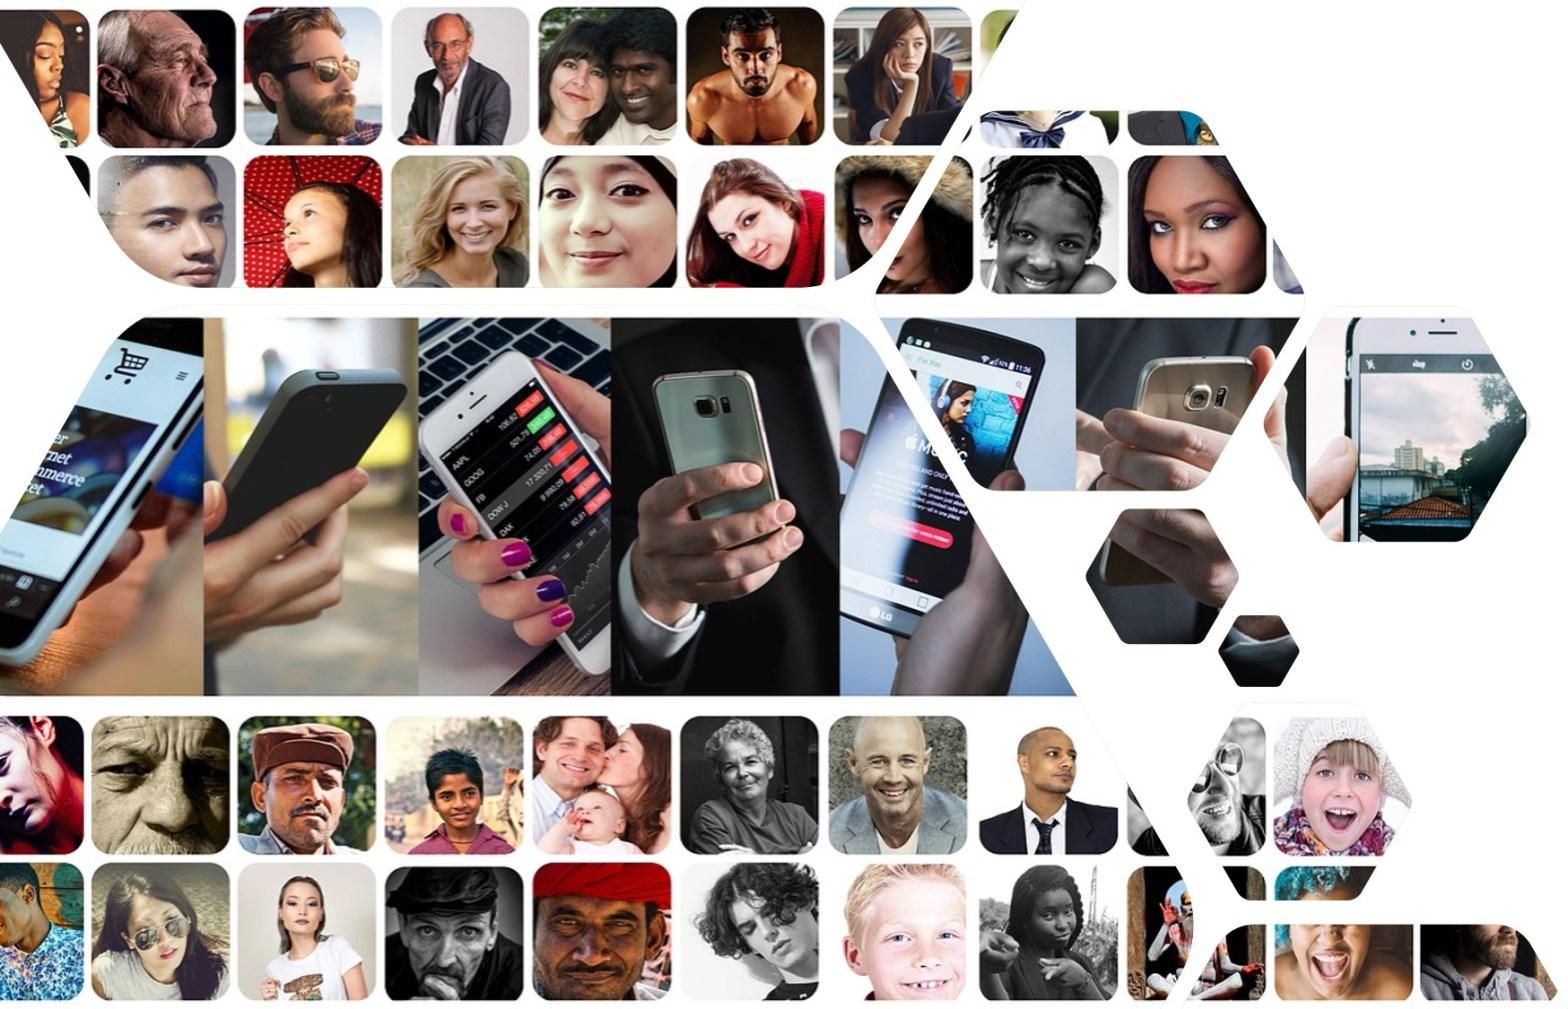 imágenes de personas